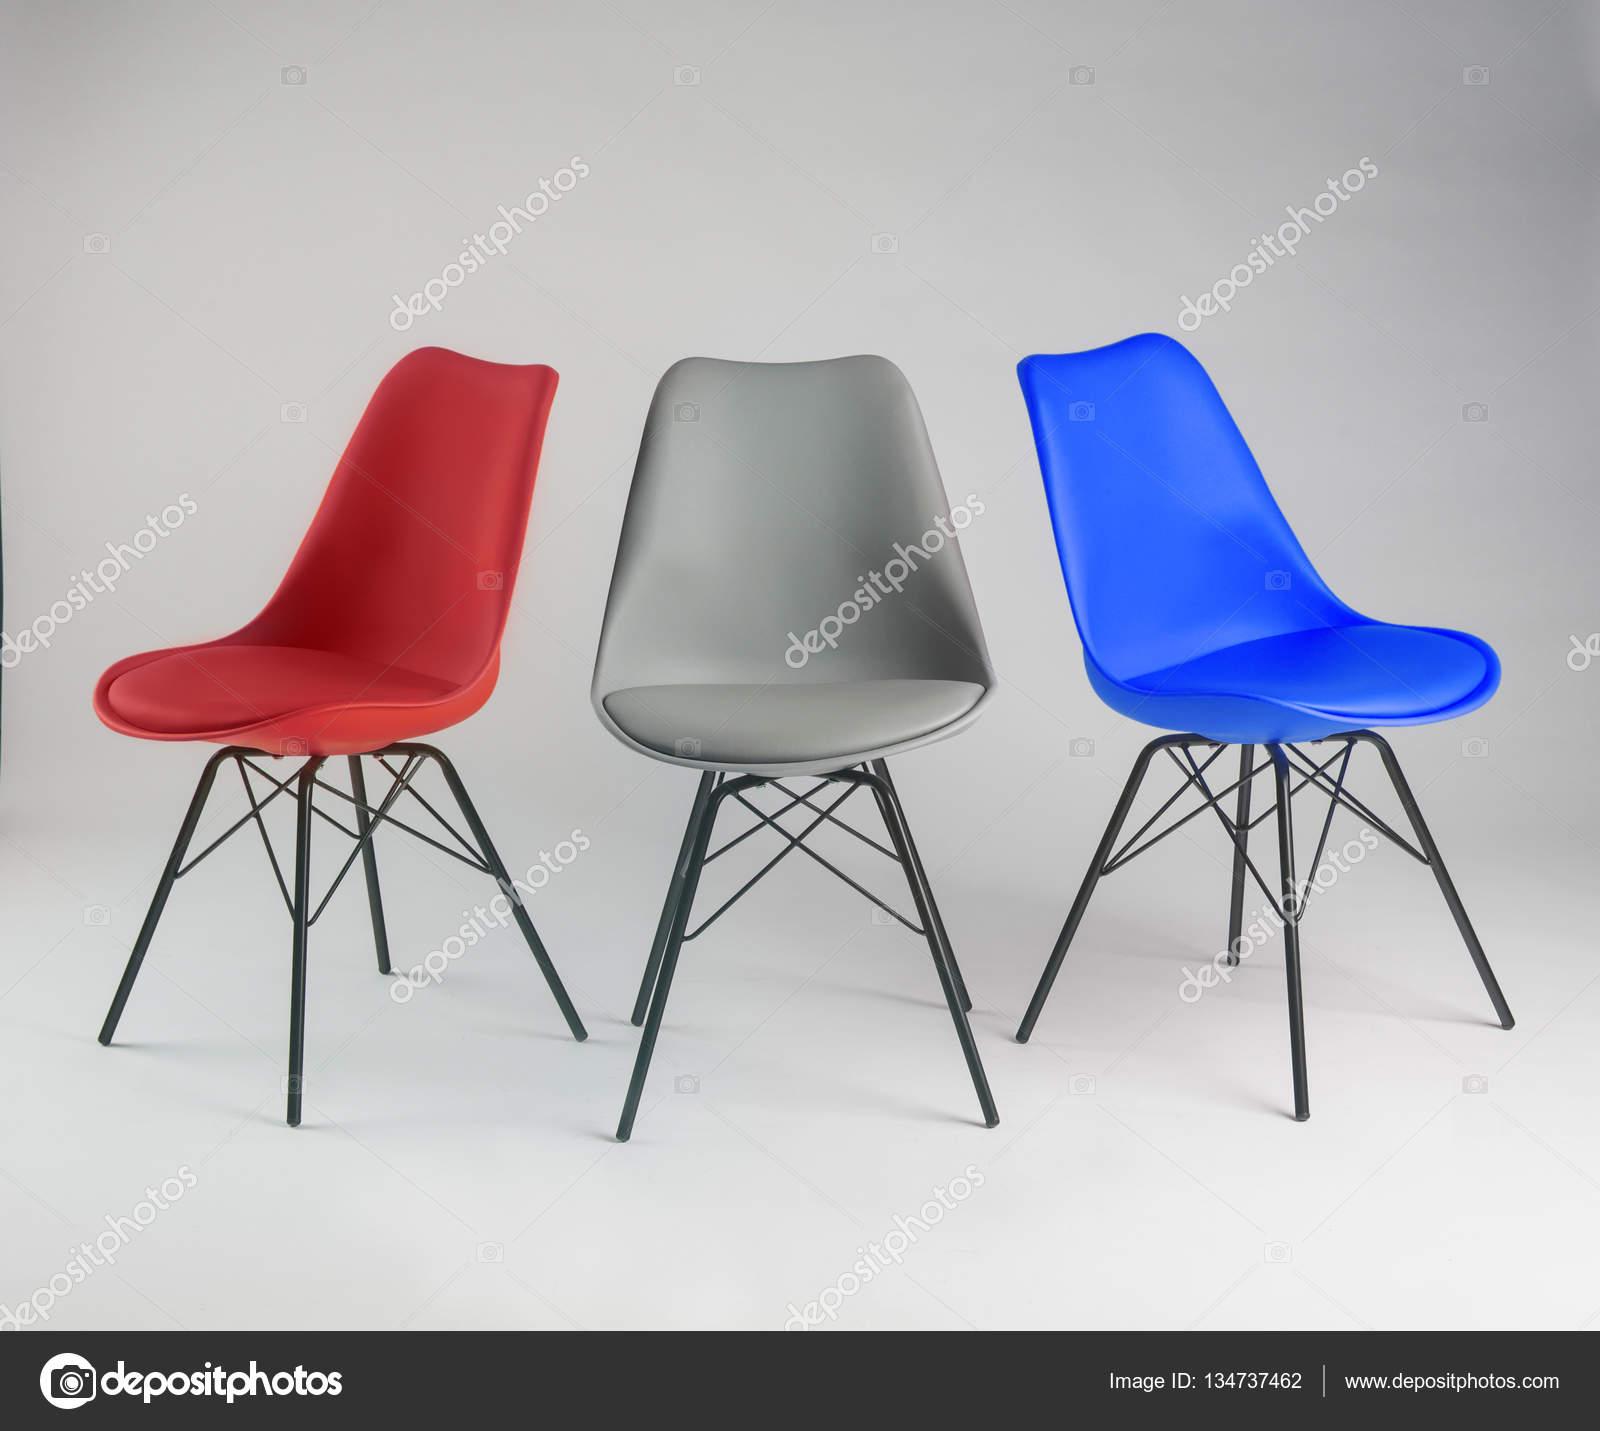 Bezaubernd Bunte Stühle Galerie Von Lustige Stühle, Isoliert — Foto Von Av_photo